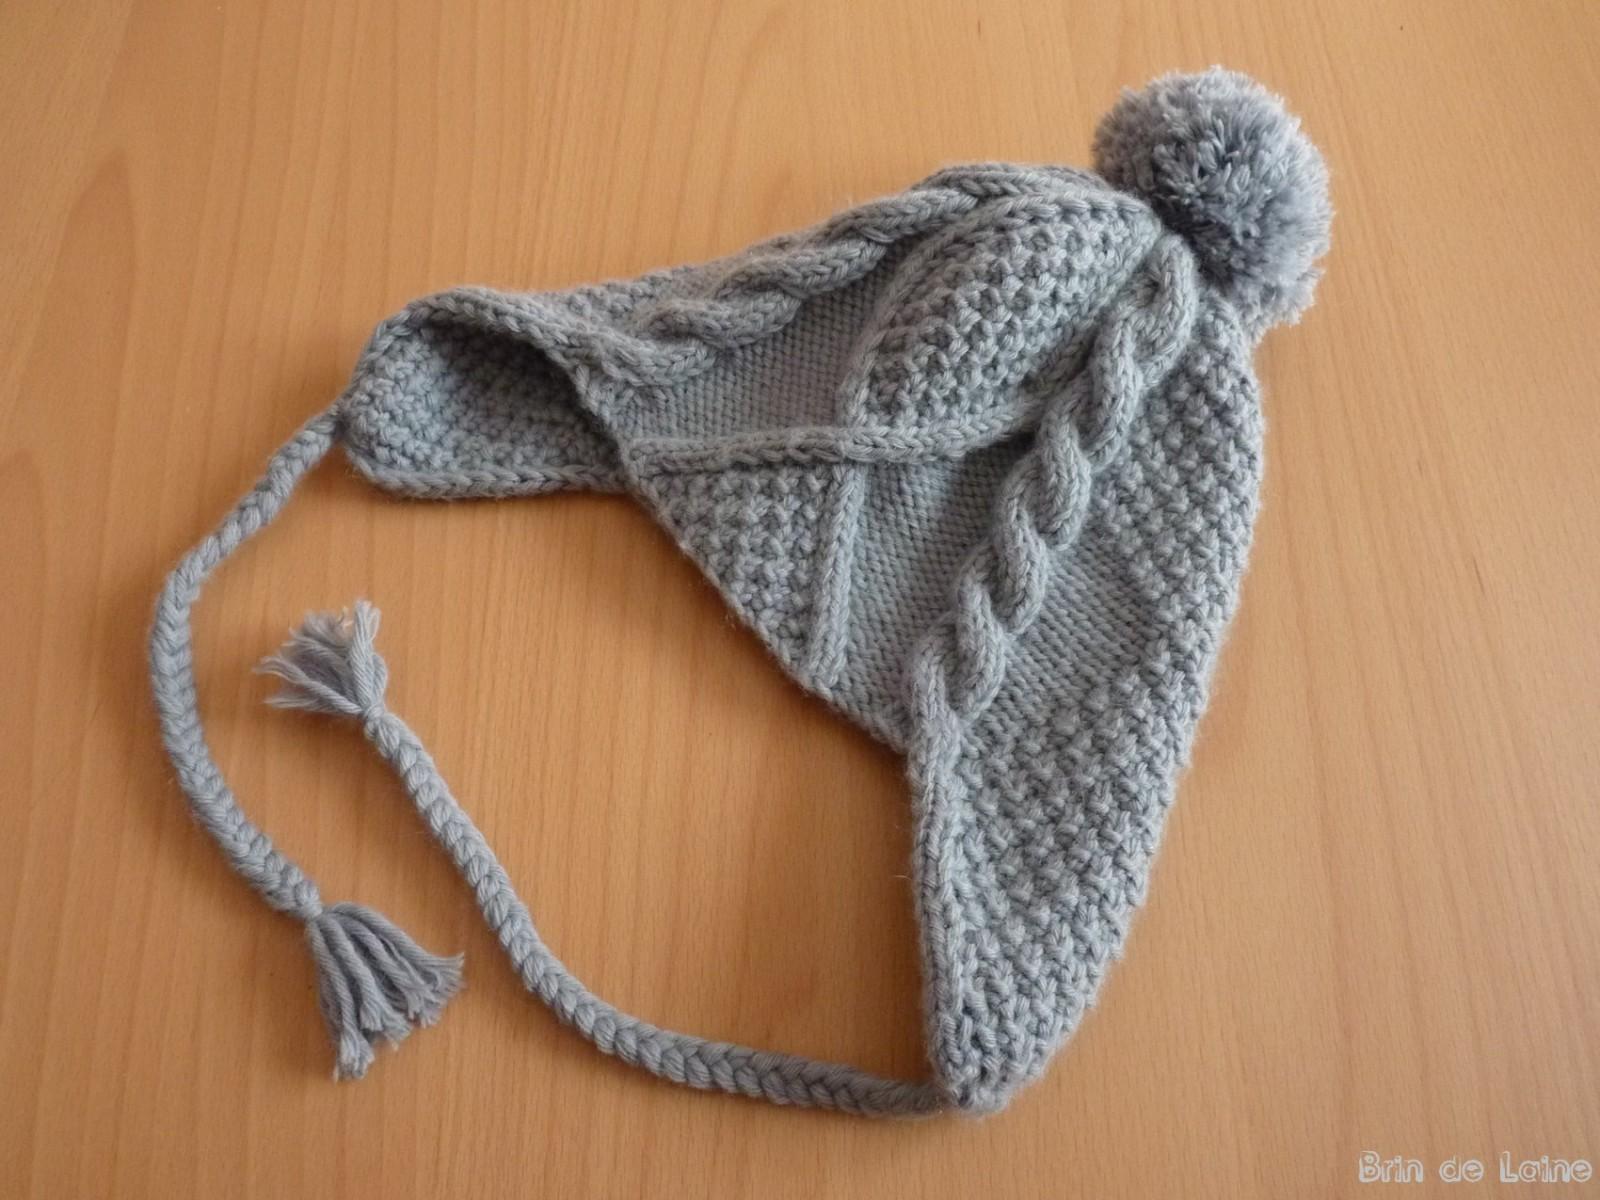 9172d36f7e10 explication modèle tricot bonnet peruvien 18 mois ...